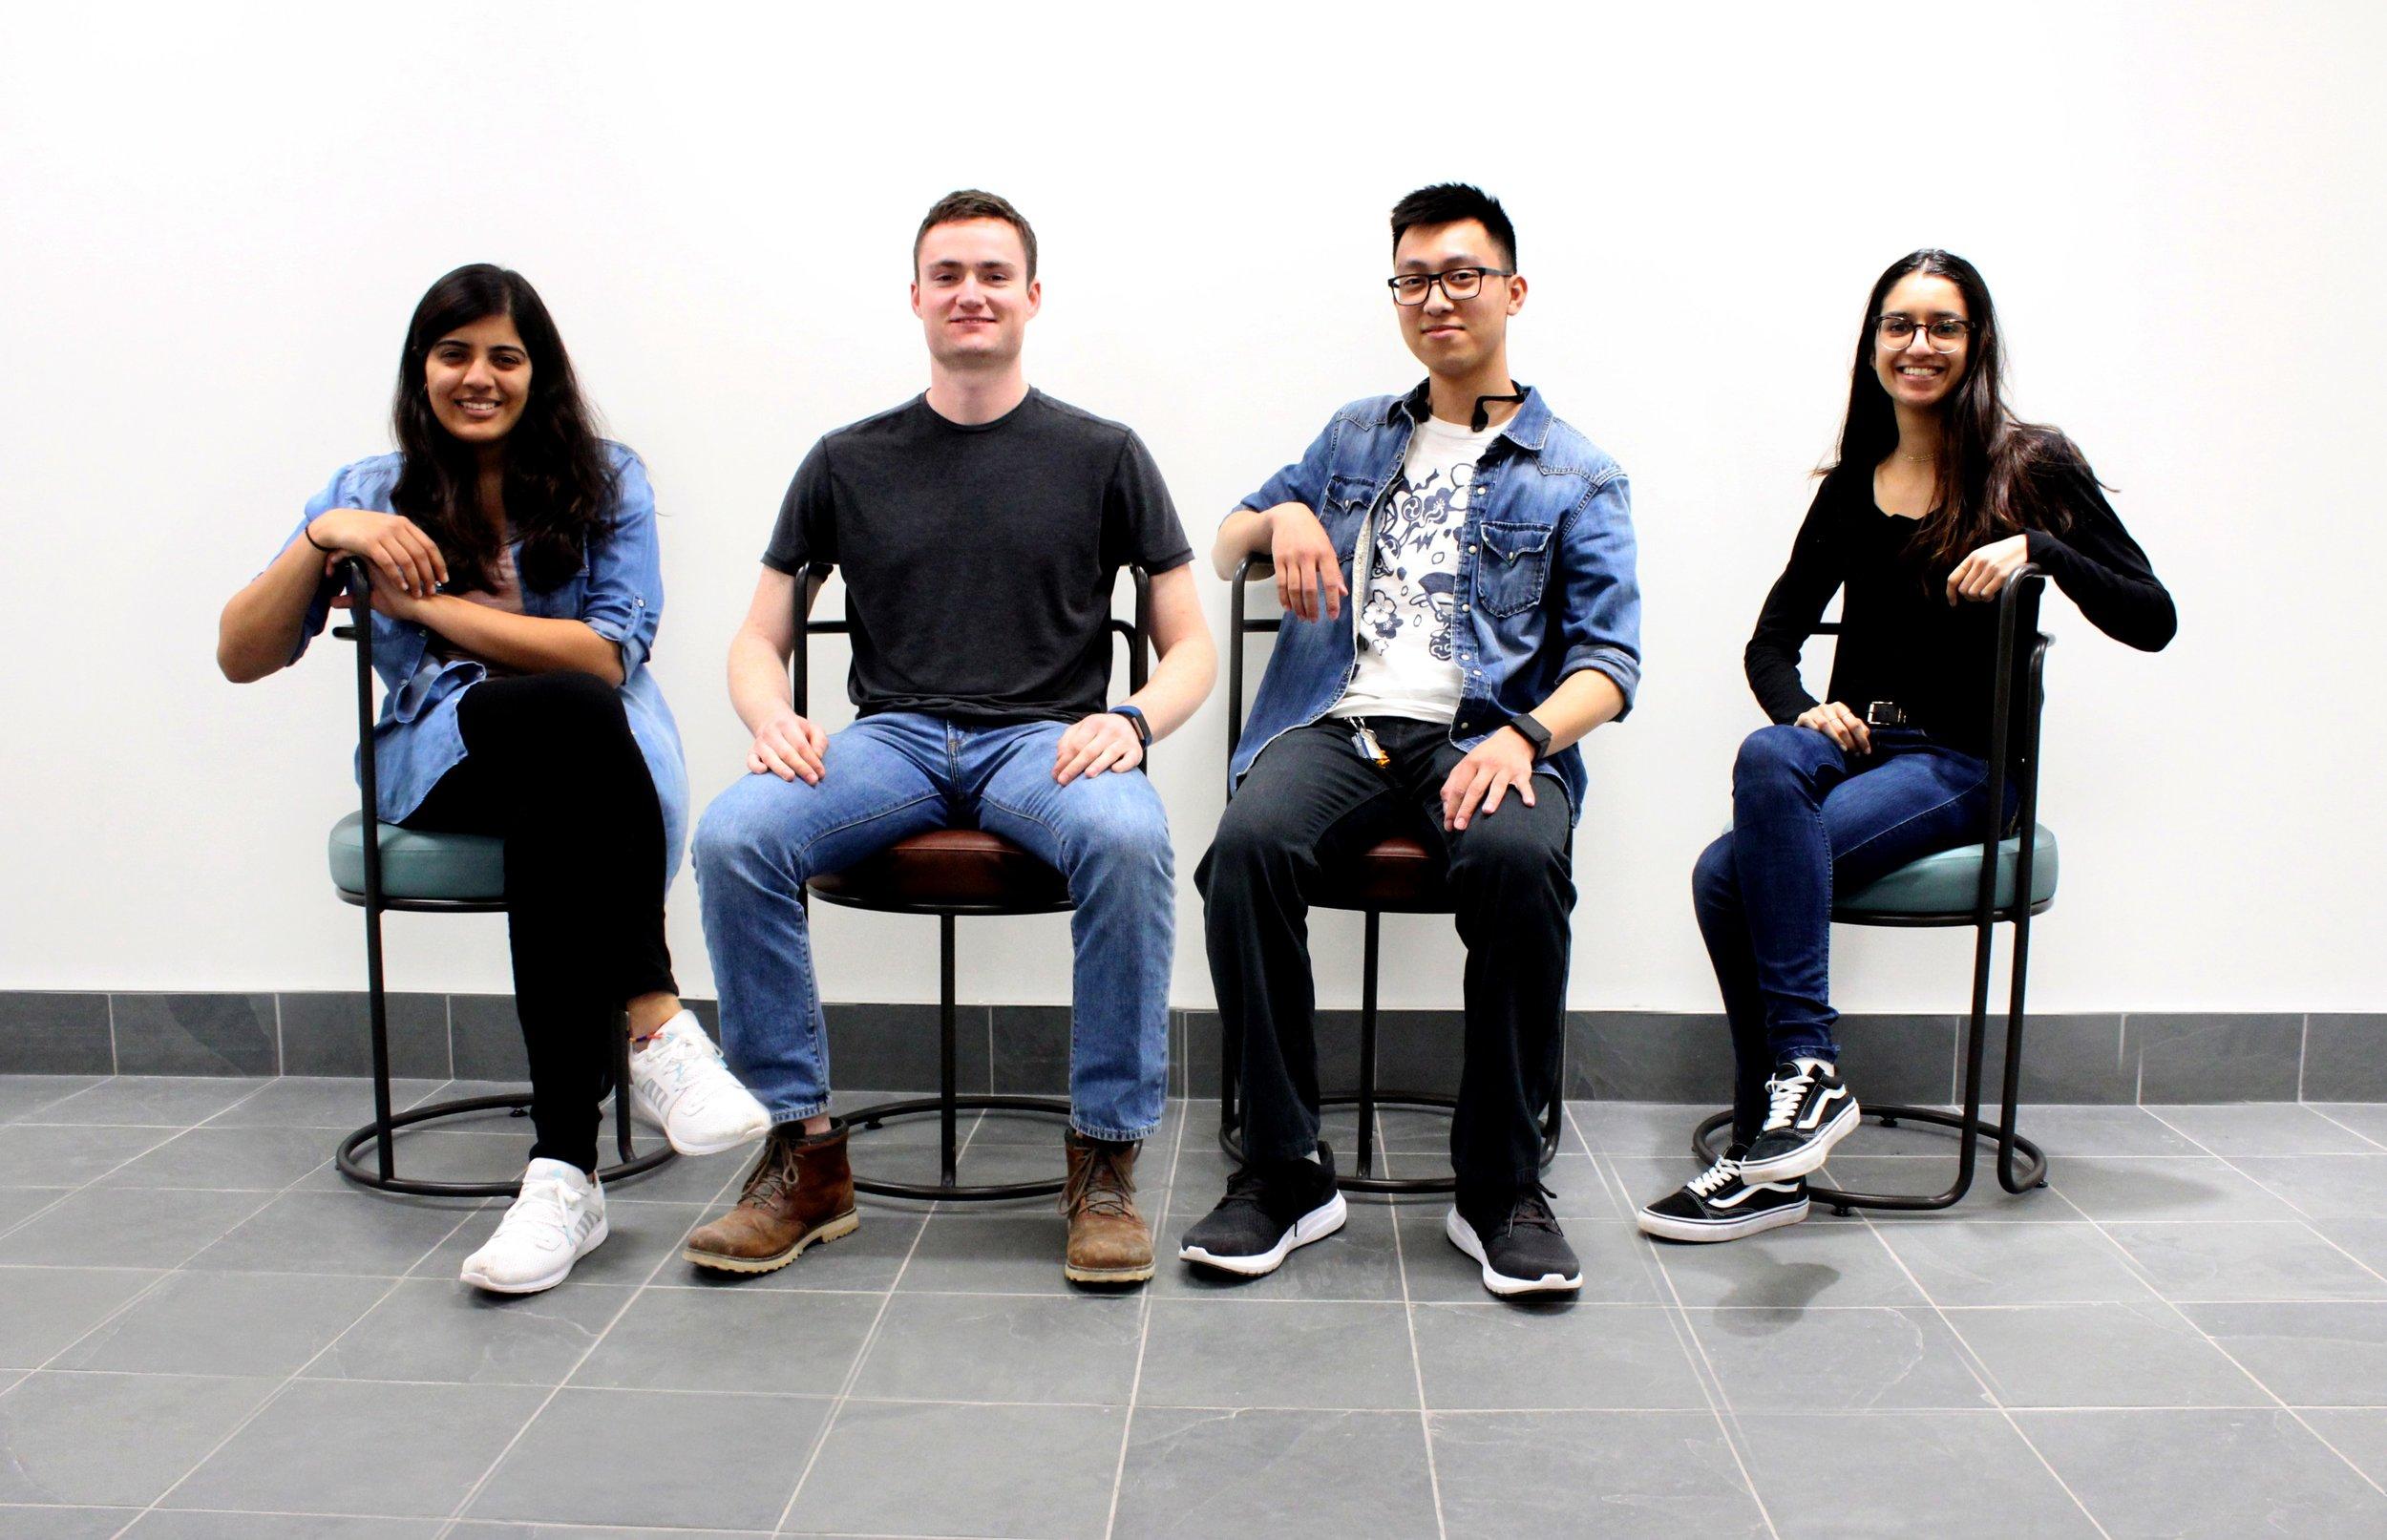 Team members (L-R): Ashuni, Joshua, Christopher and Lauren